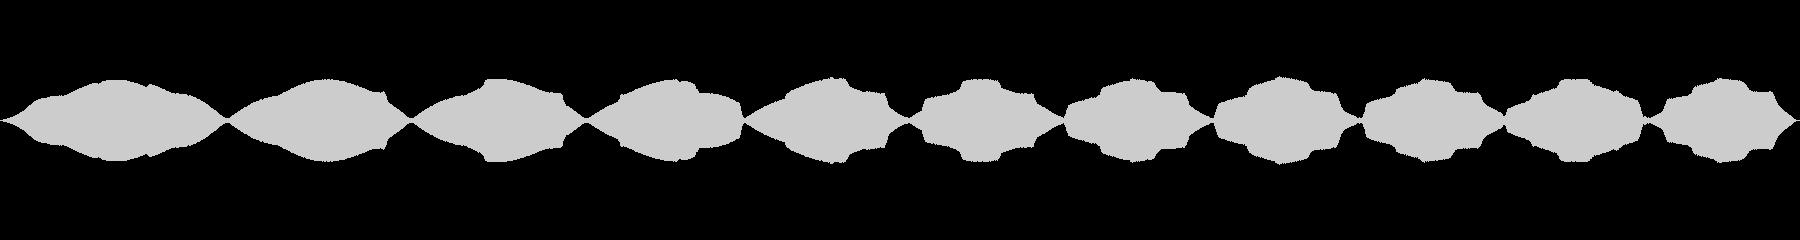 電子パルス1の未再生の波形